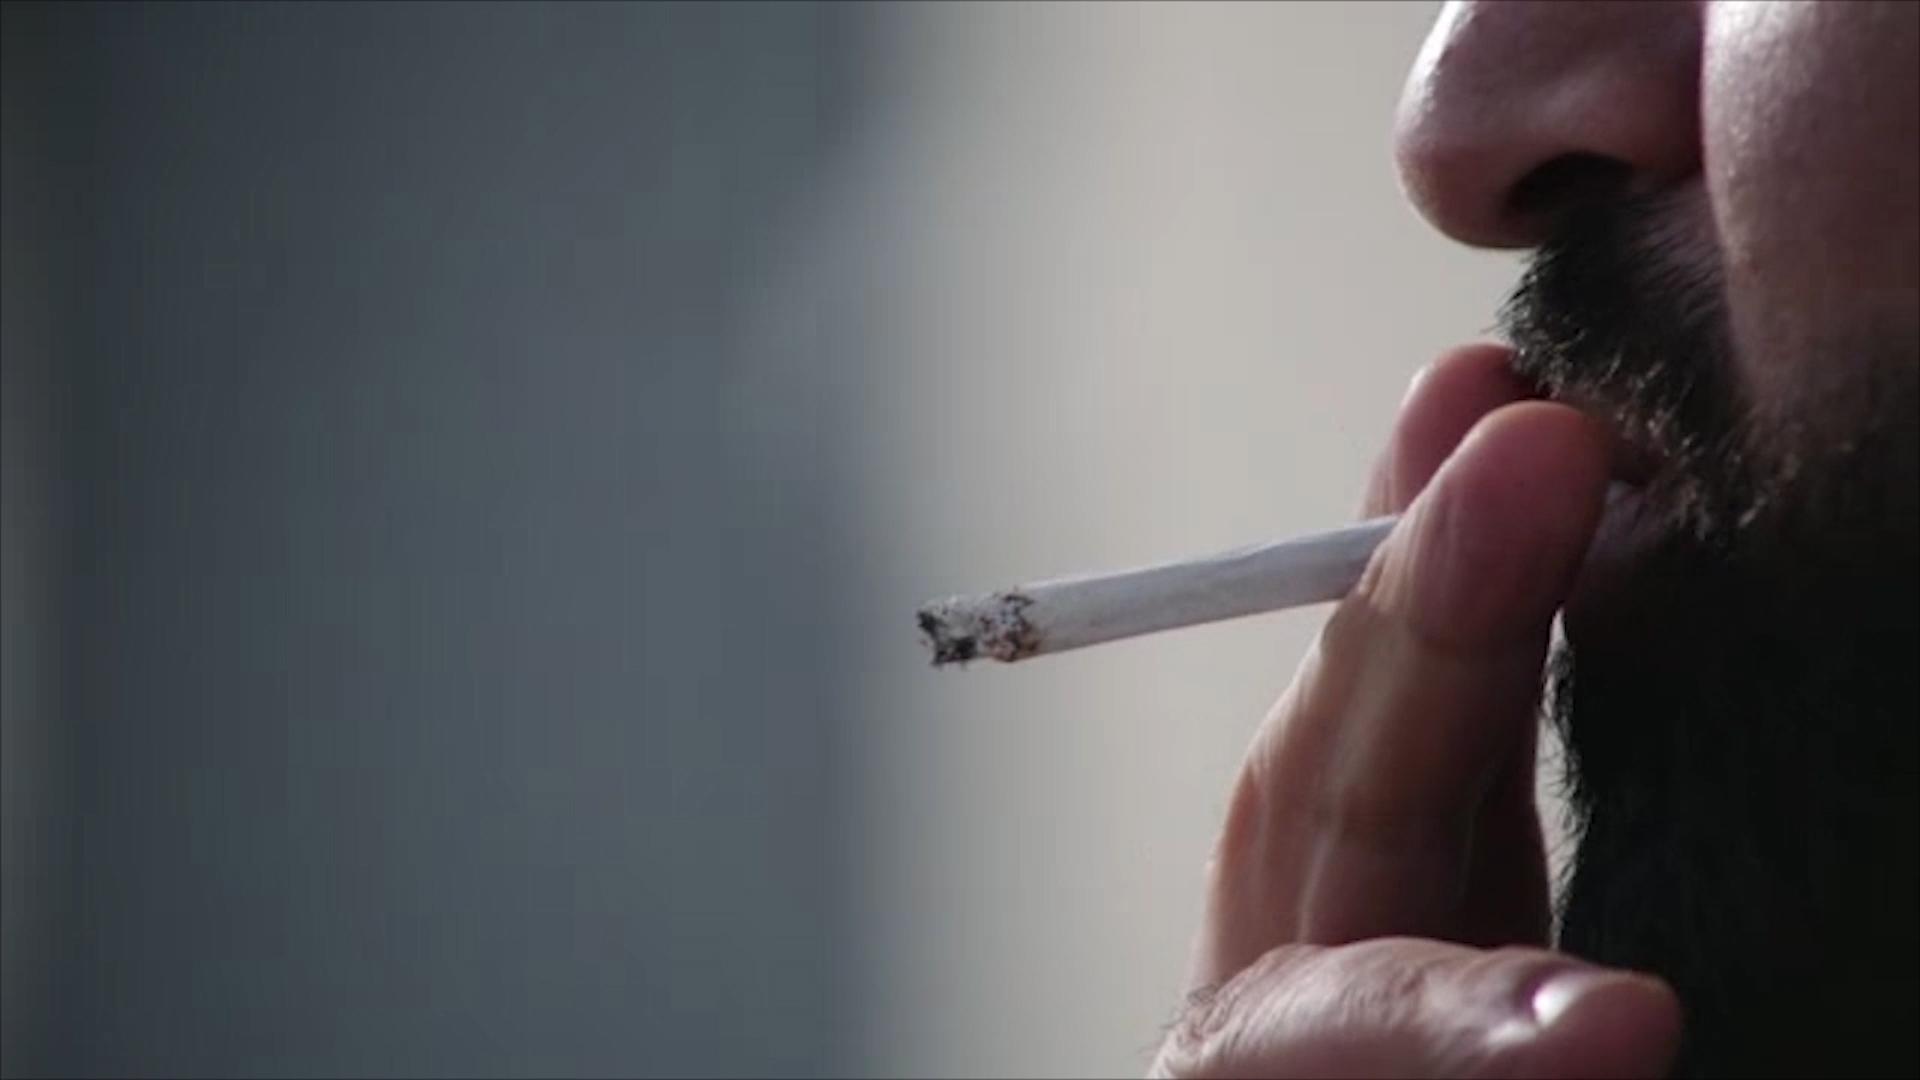 Loše vesti za pušače: Cigarete skuplje, uskoro i potpuna zabrana pušenja na javnim mestima (VIDEO)